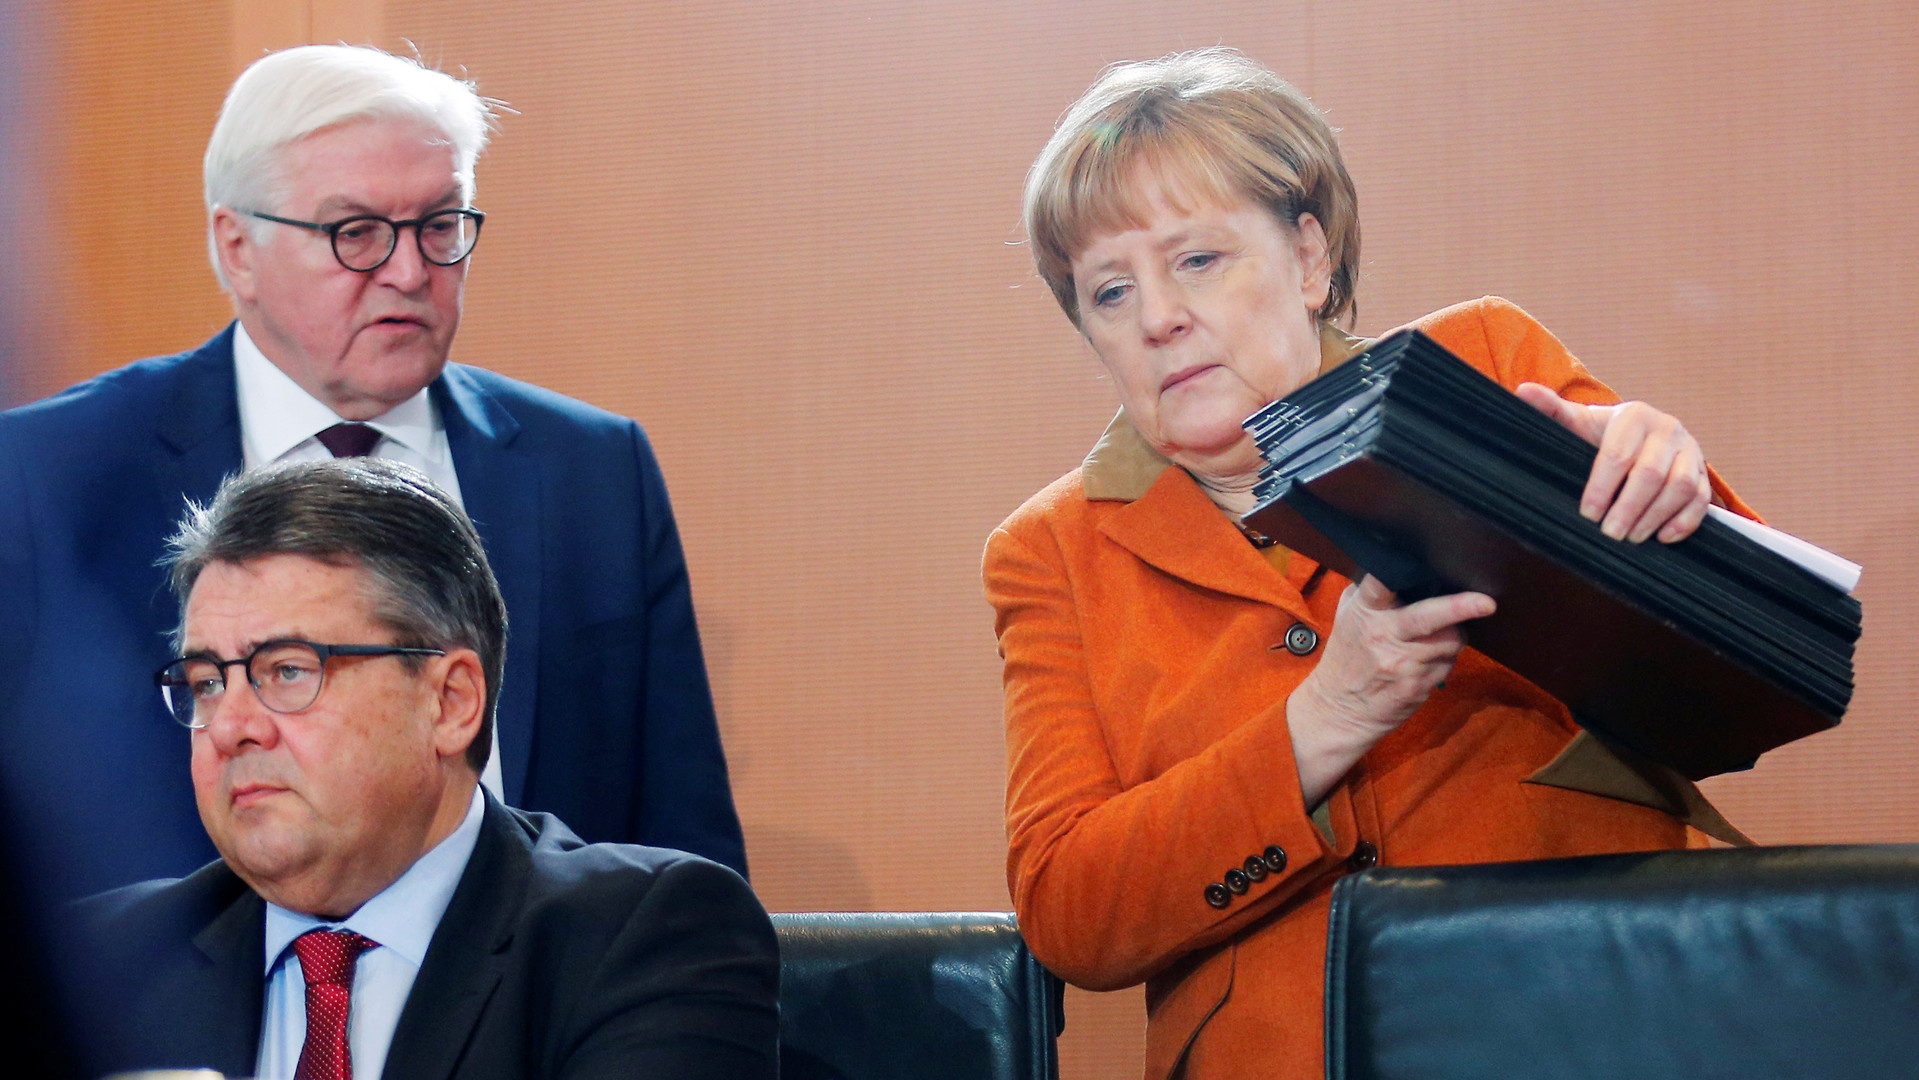 Срок за репост: в Германии намерены сажать в тюрьму за распространение фейковых новостей